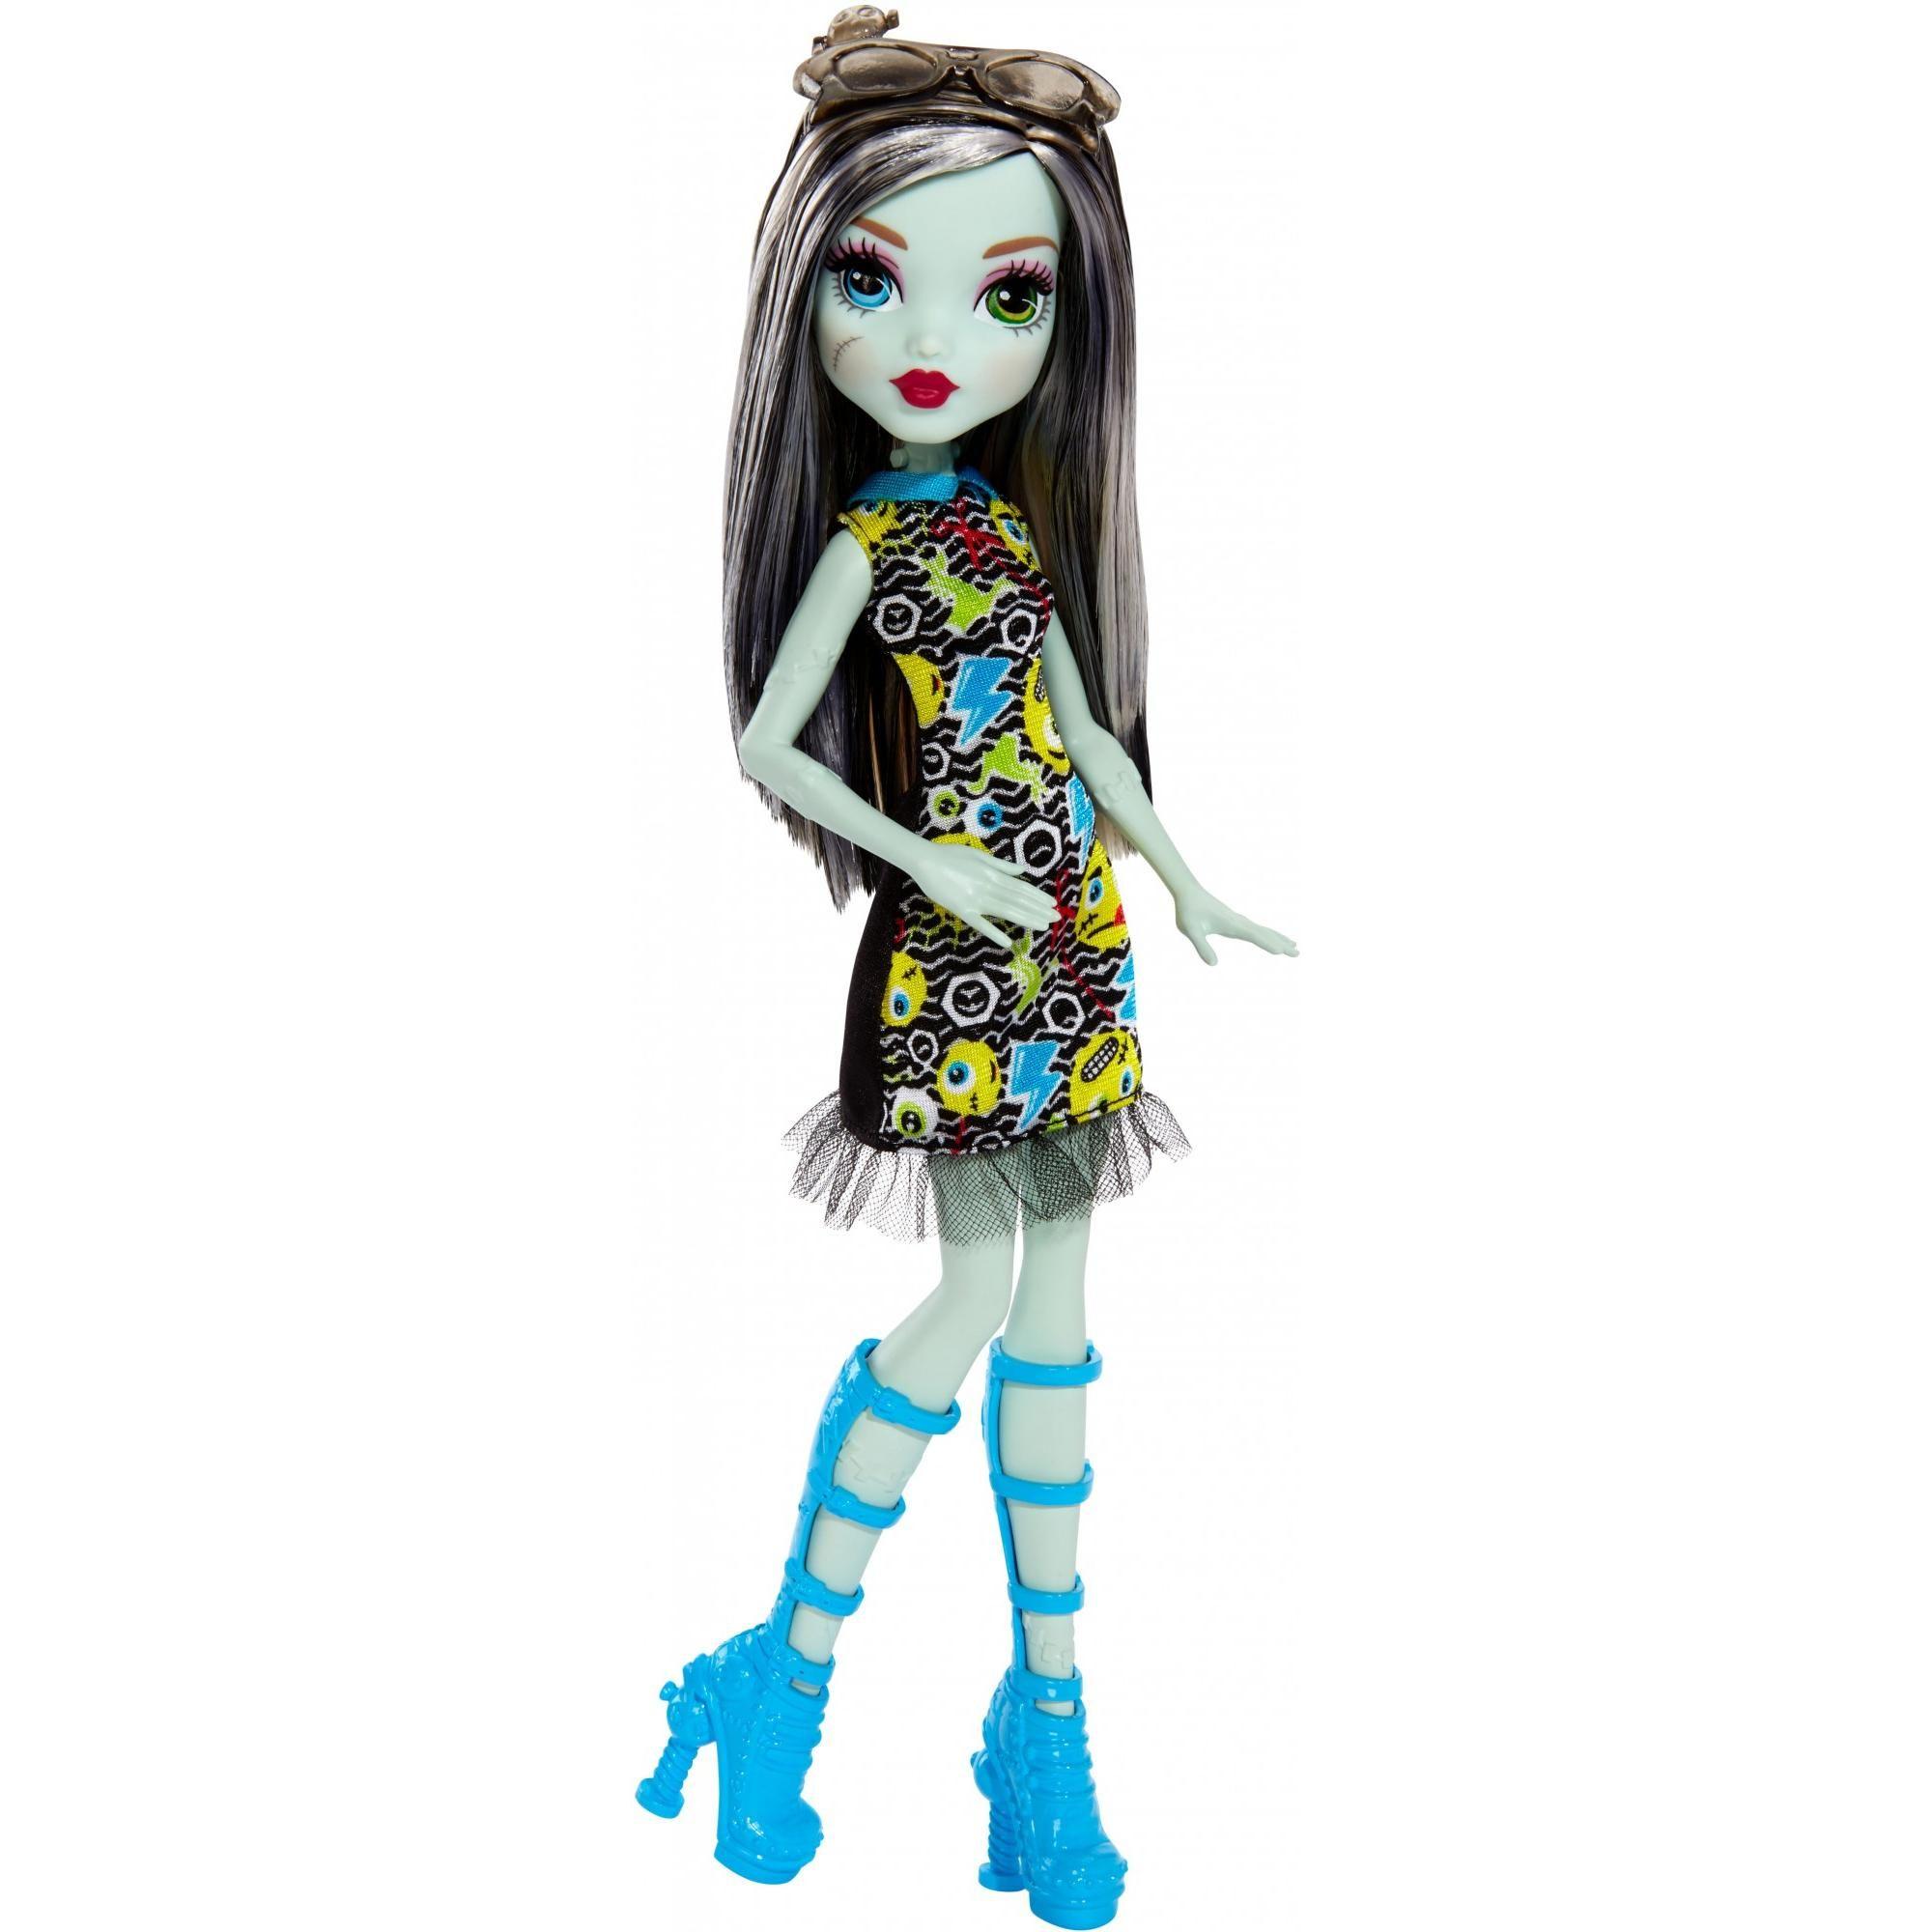 Monster High Emoji Frankie Stein Doll Walmart Com Monster High Fashion Dolls Monster High Dolls